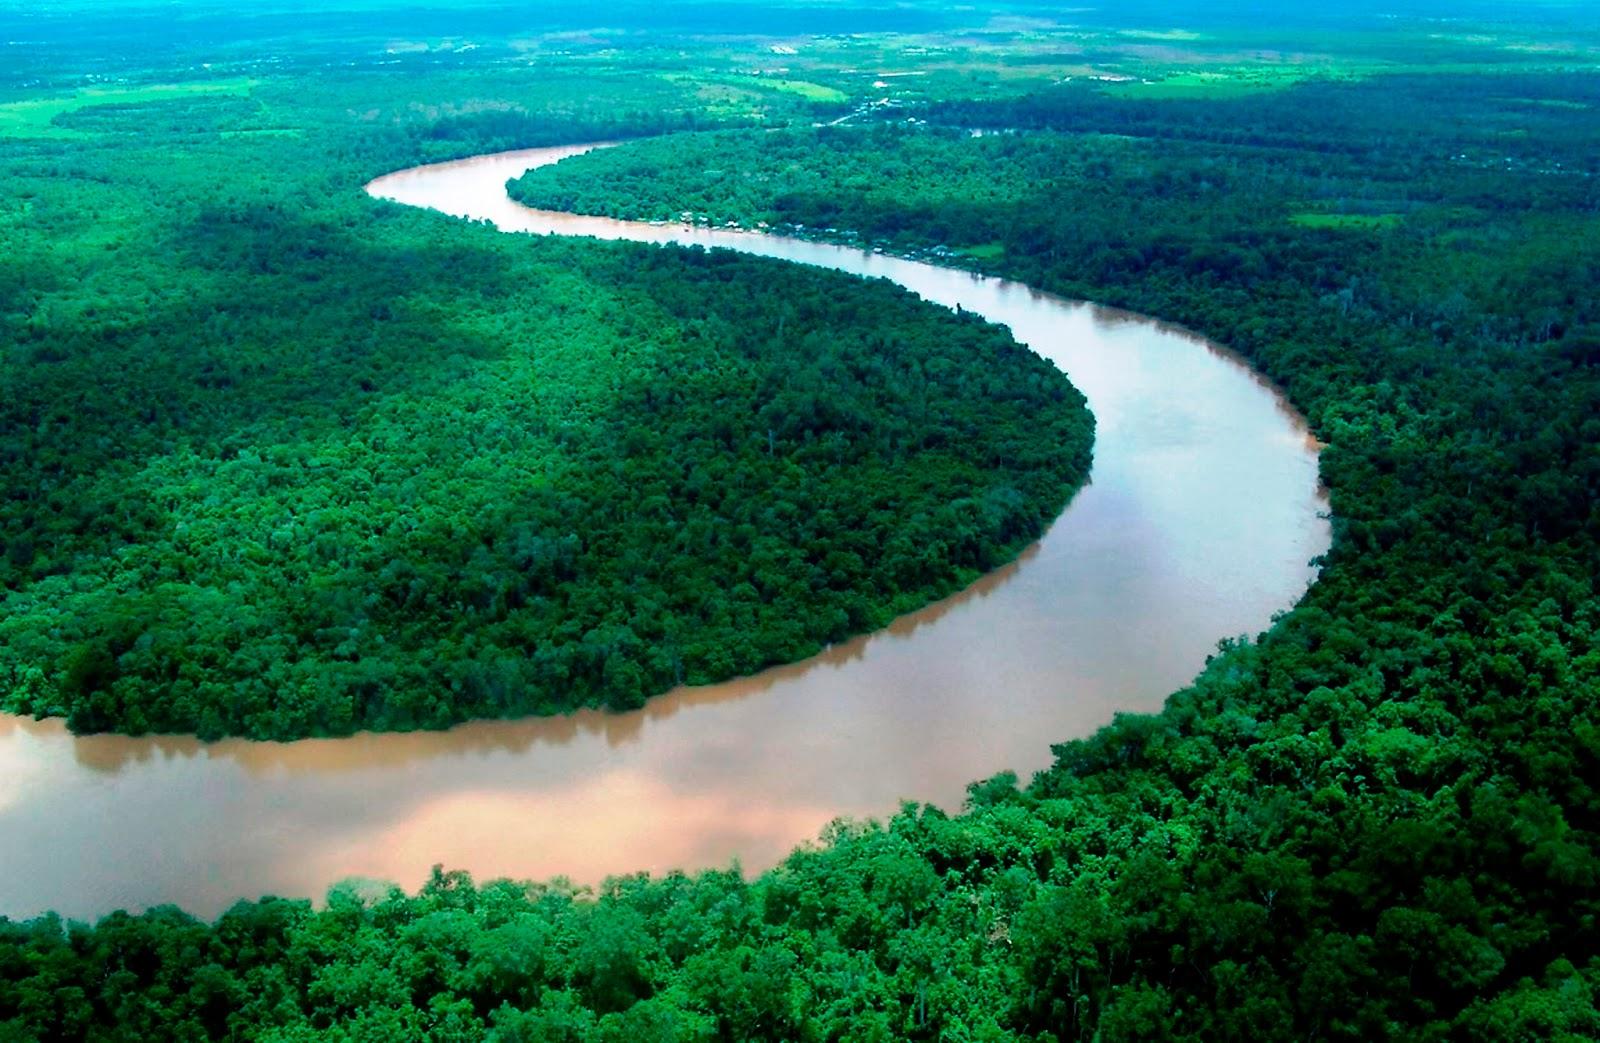 manfaat sungai bagi kehidupan dan lingkungan hidup alam sehat